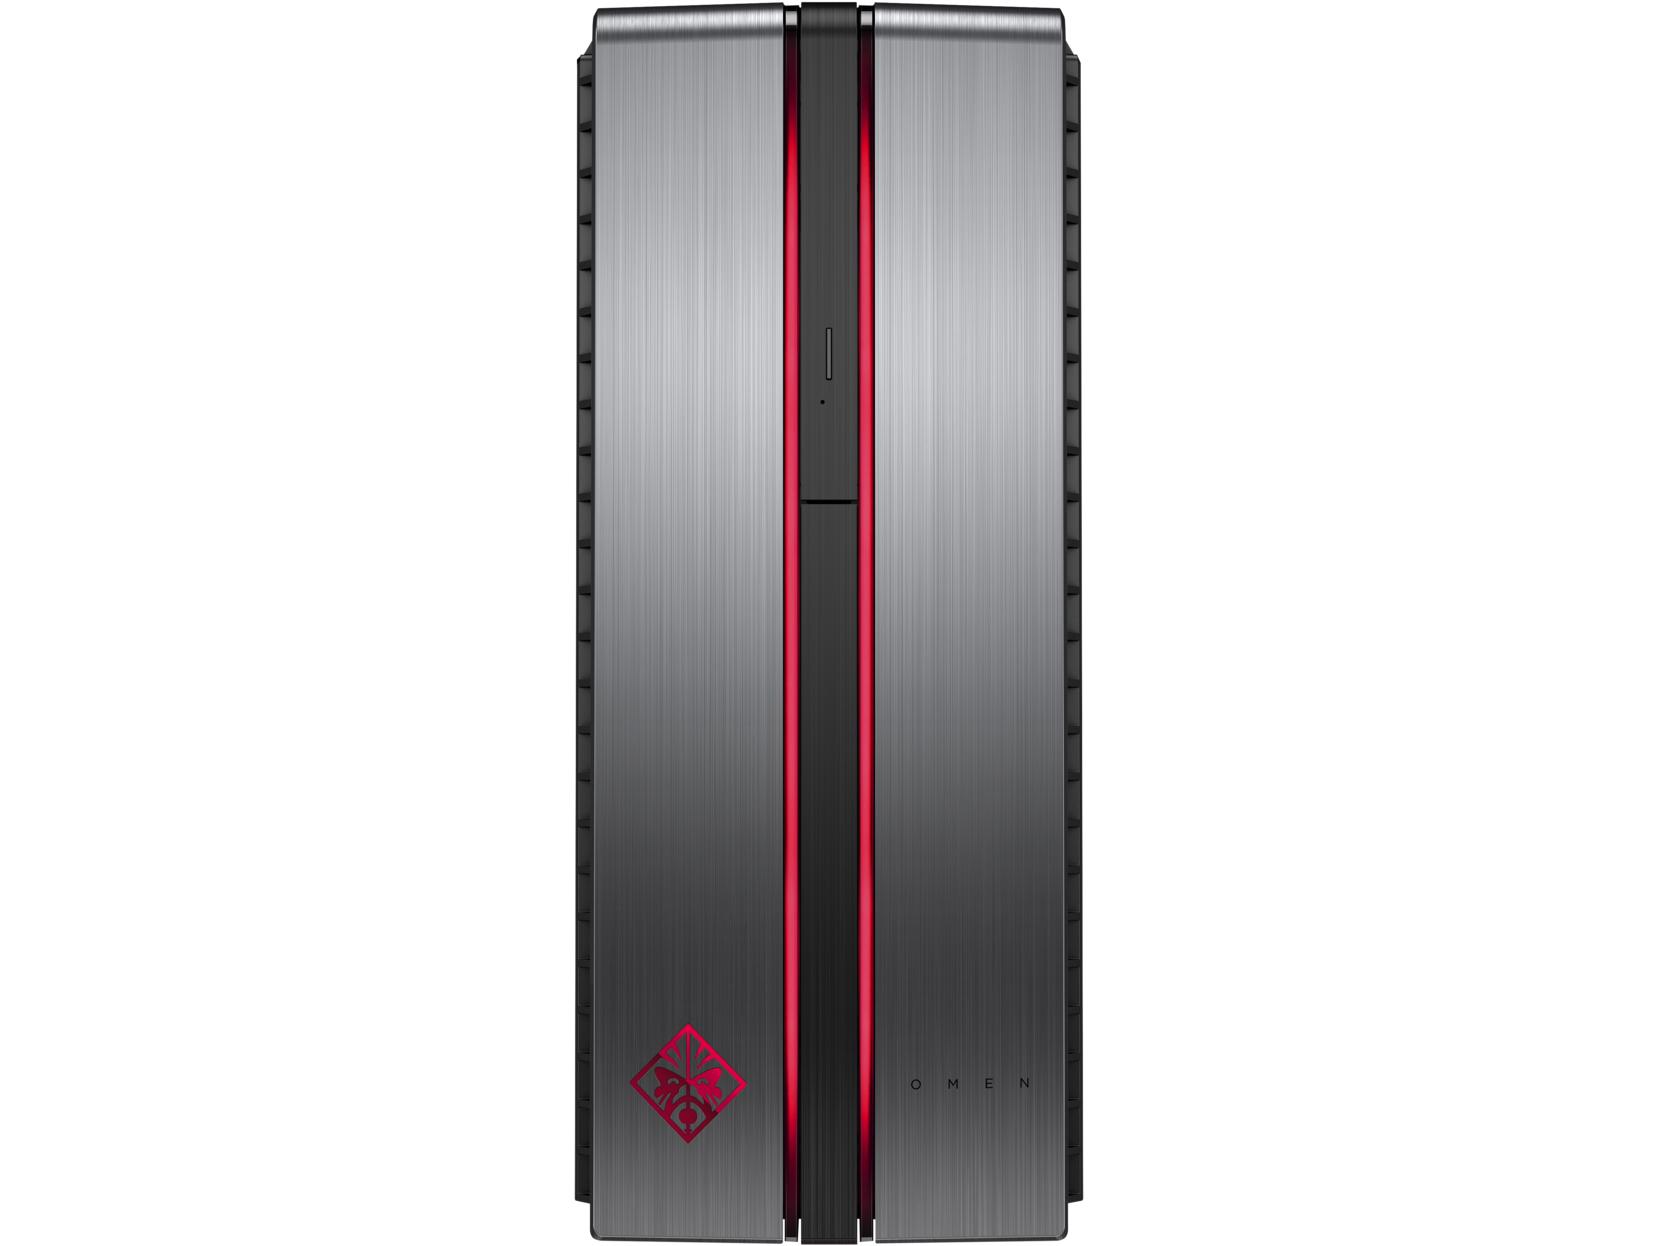 HP OMEN by Desktop PC - 870-280na